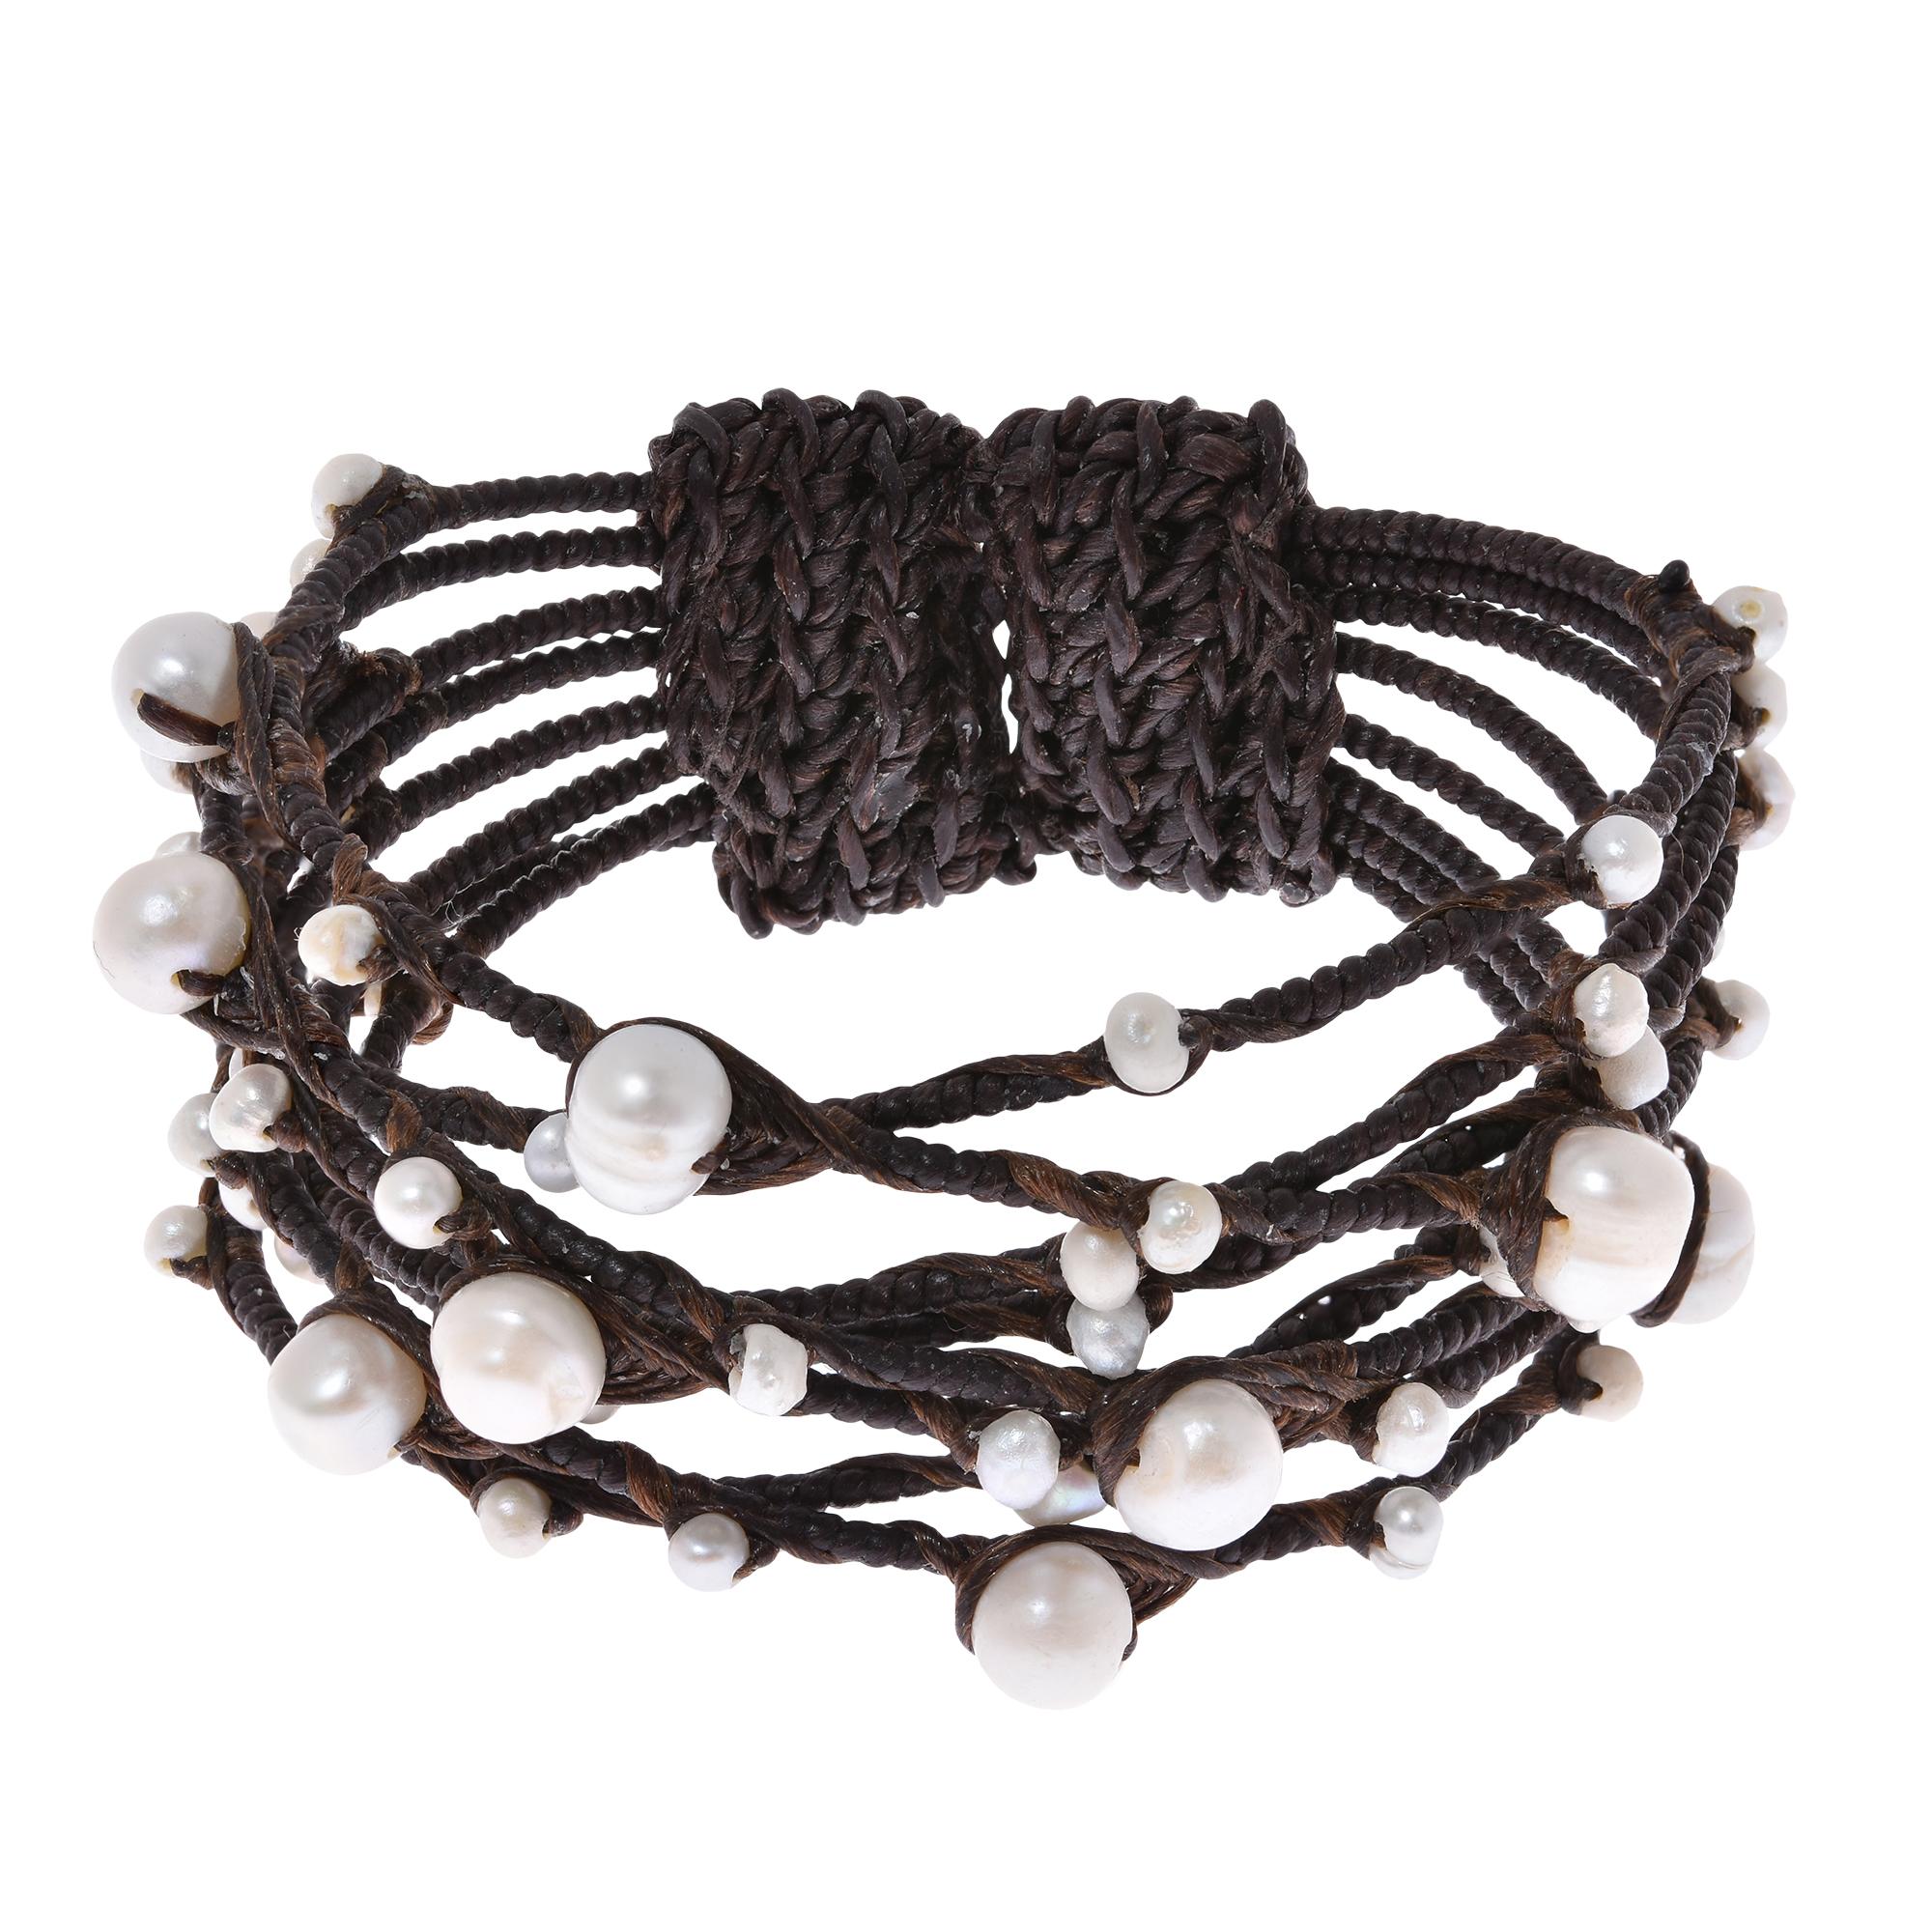 Contempo Criss Cross Rope Wrap Wire White Pearl Cuff - AeraVida